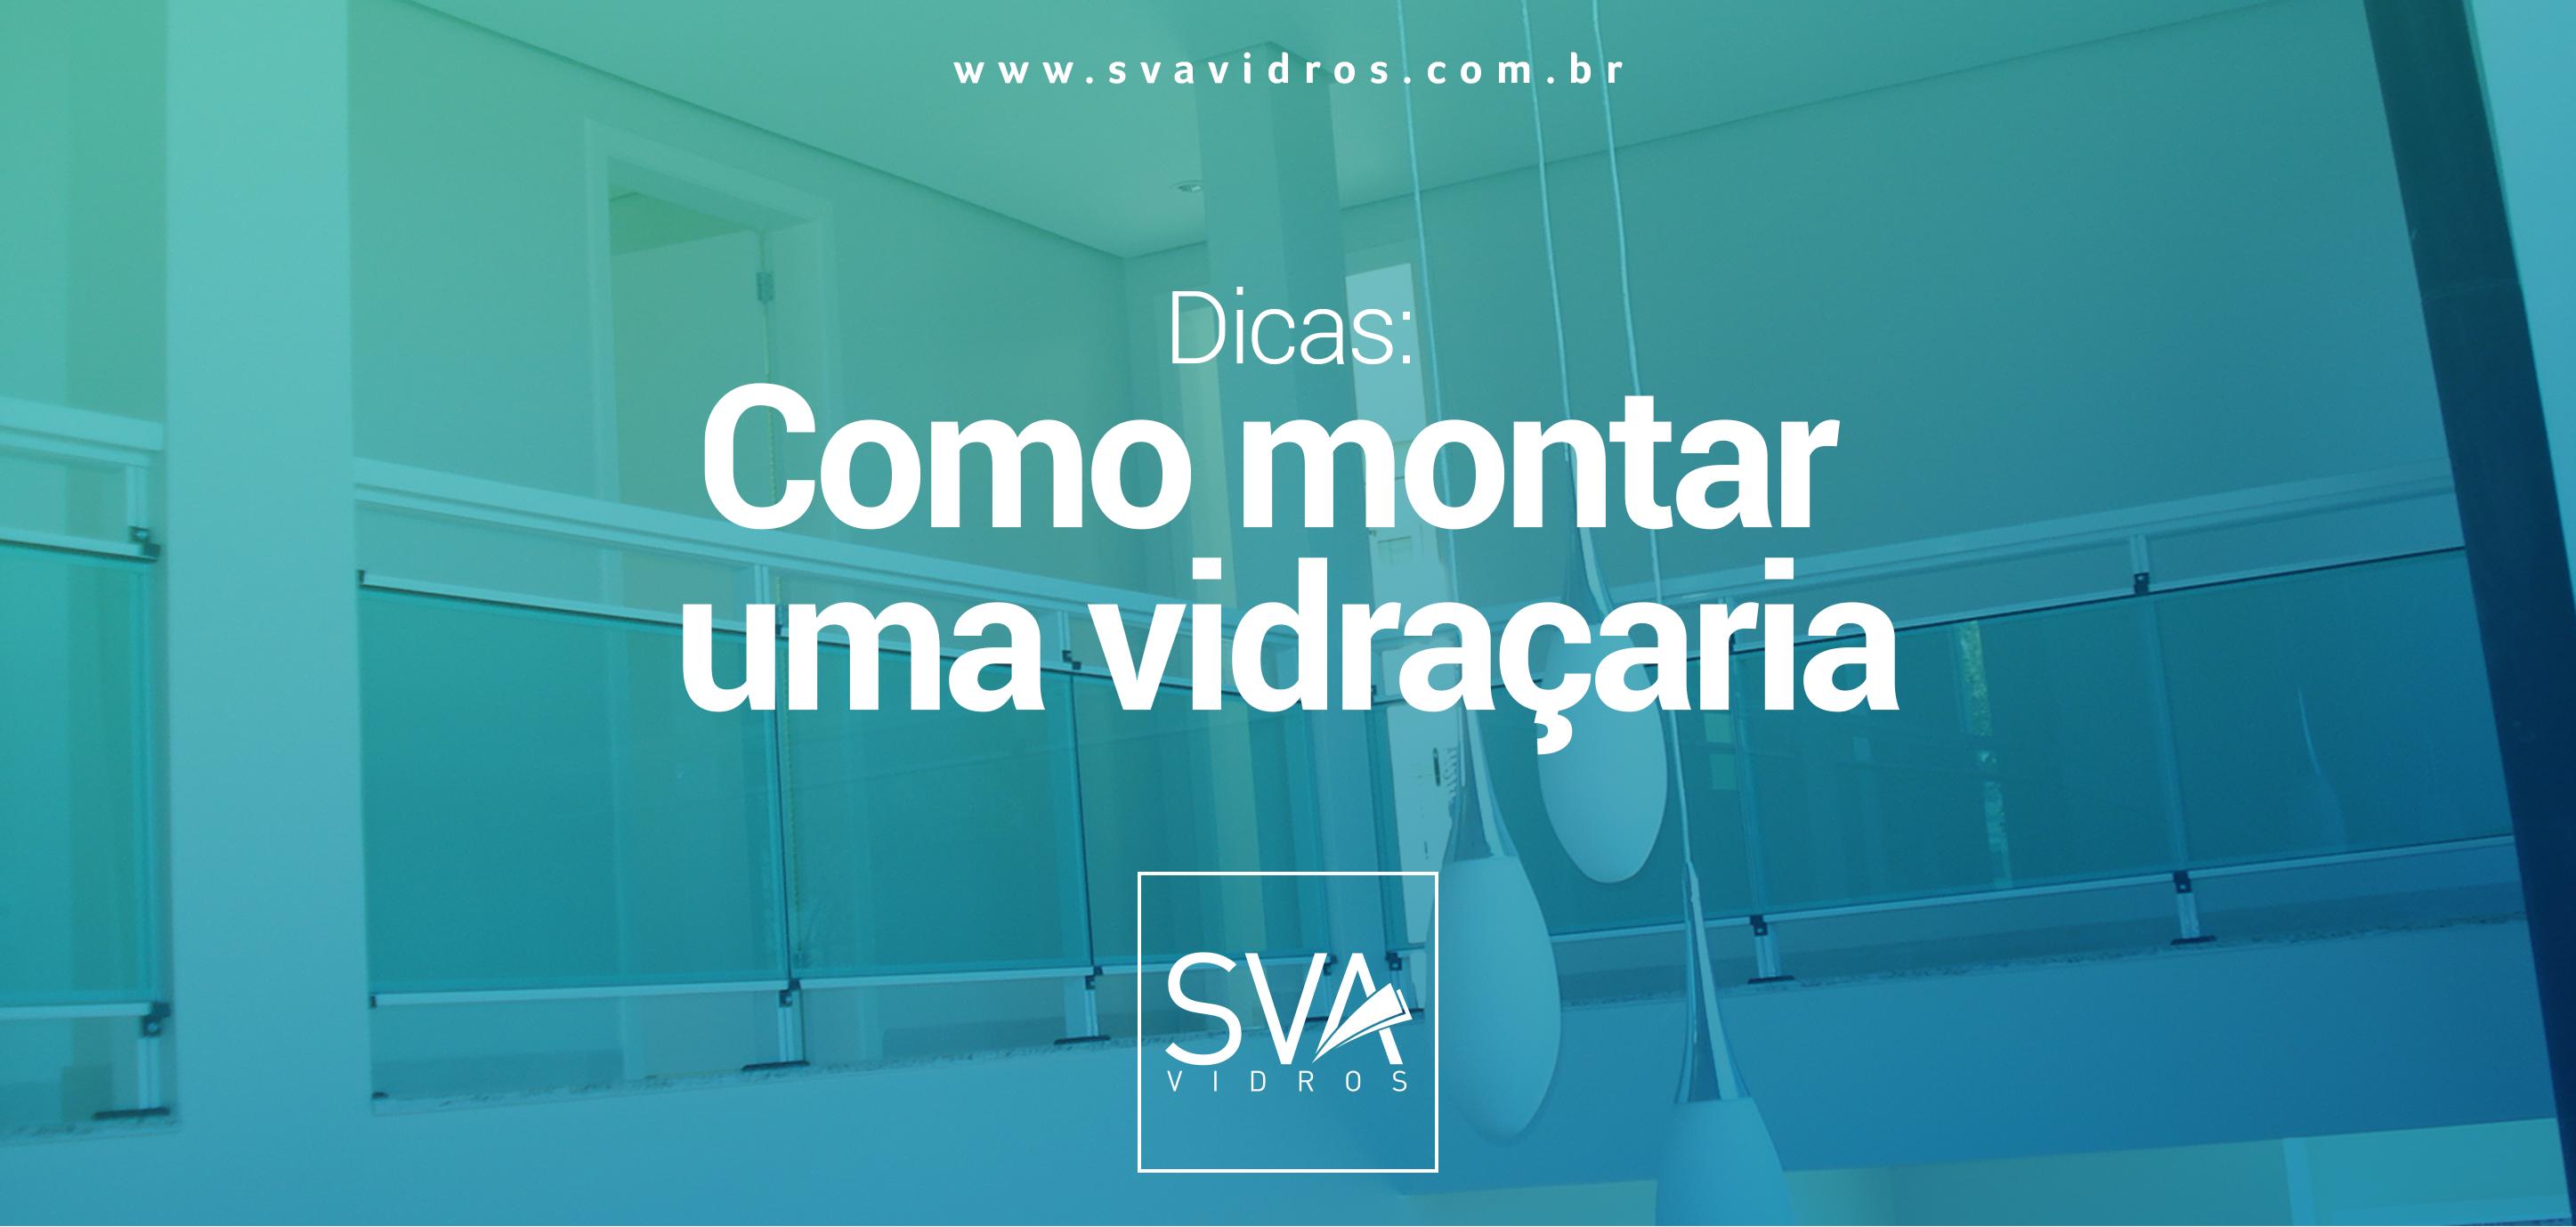 sva_vidros_como_montar_uma_vidracaria